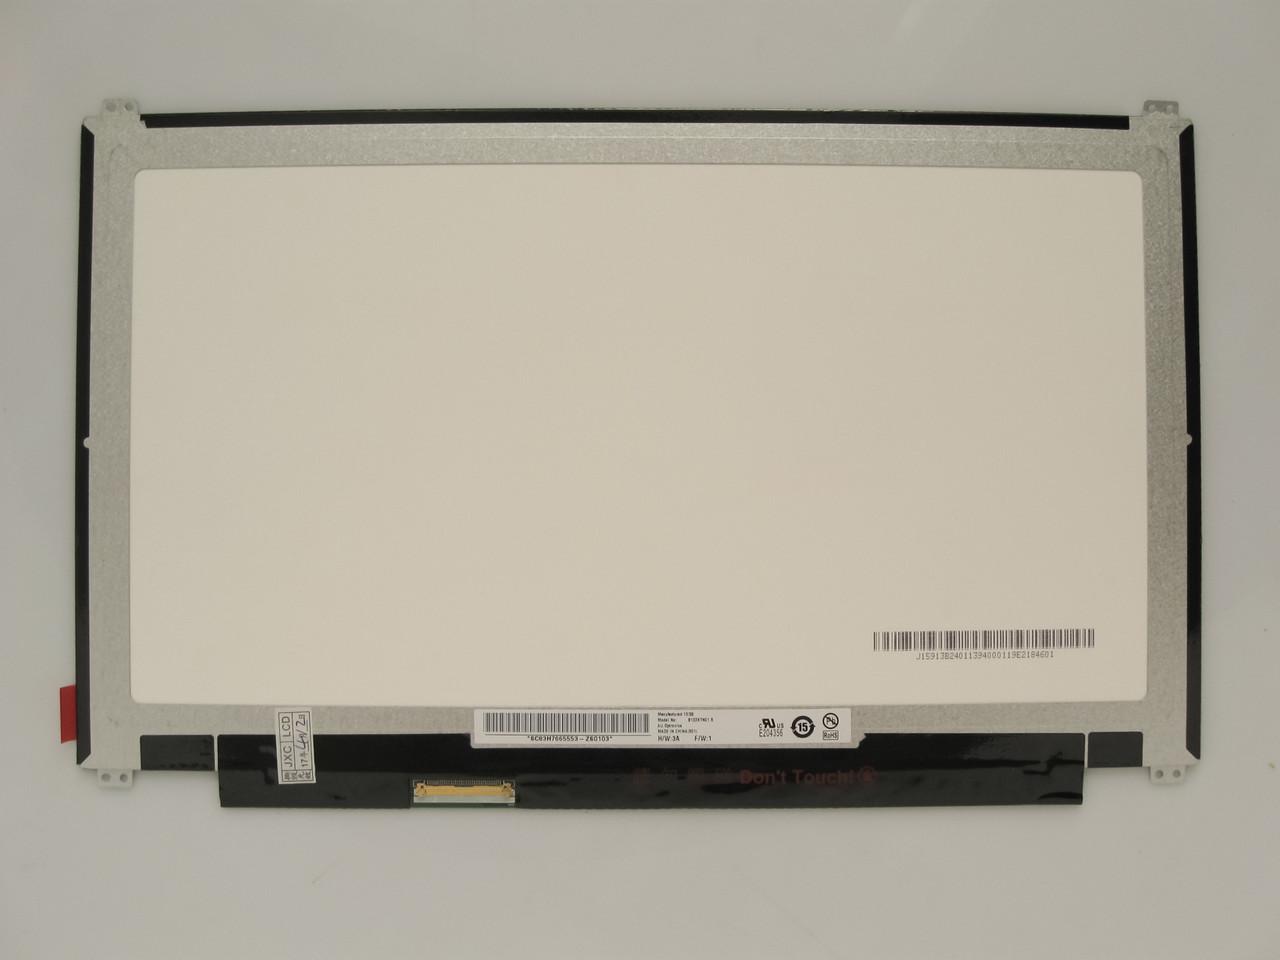 Матрица для ноутбука 13,3 Led Slim 1366x768 40pin lvds разъем слева внизу (со стороны платы) вертикальные уши бу